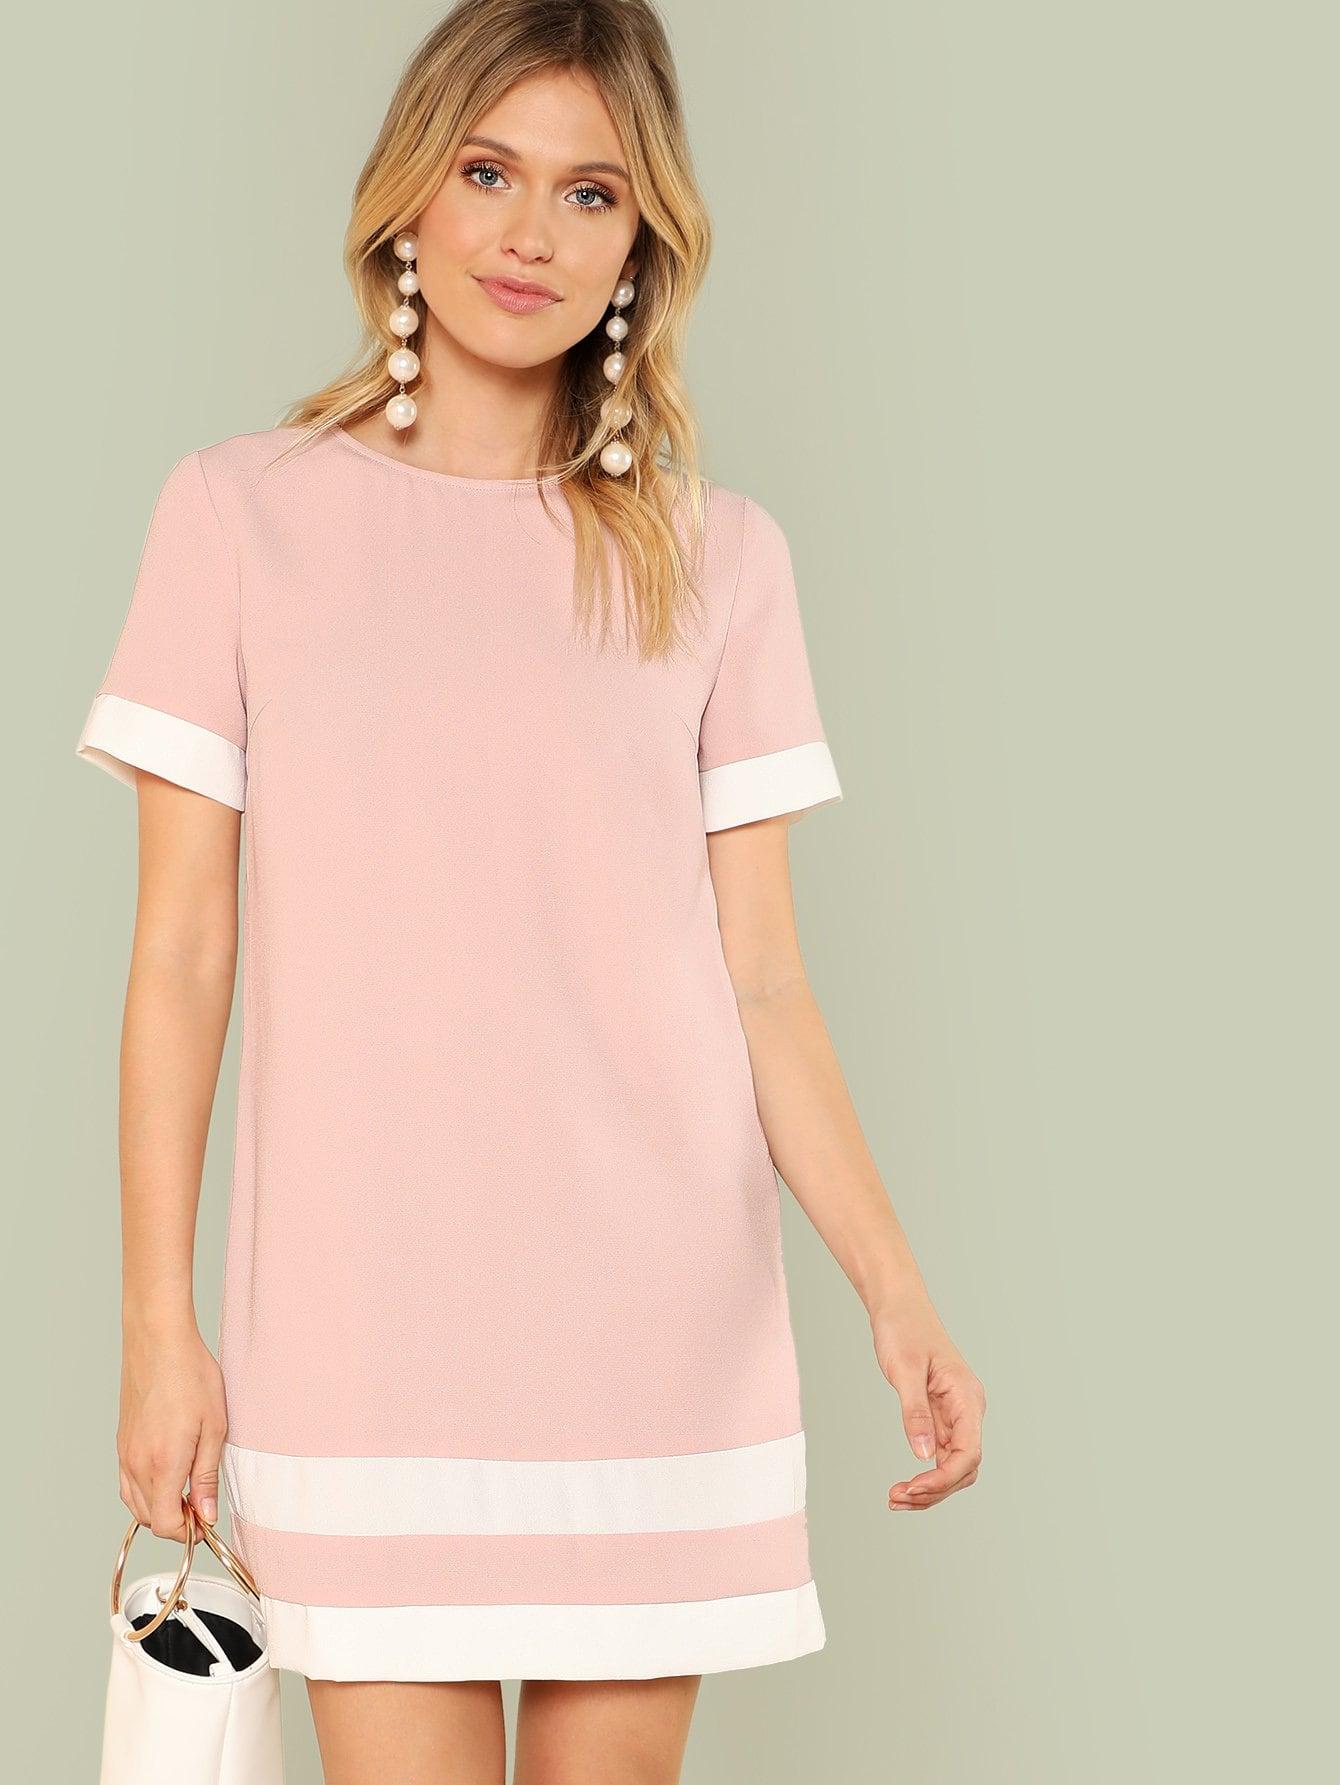 Купить Платье туника контрастное, Noelle Brown, SheIn